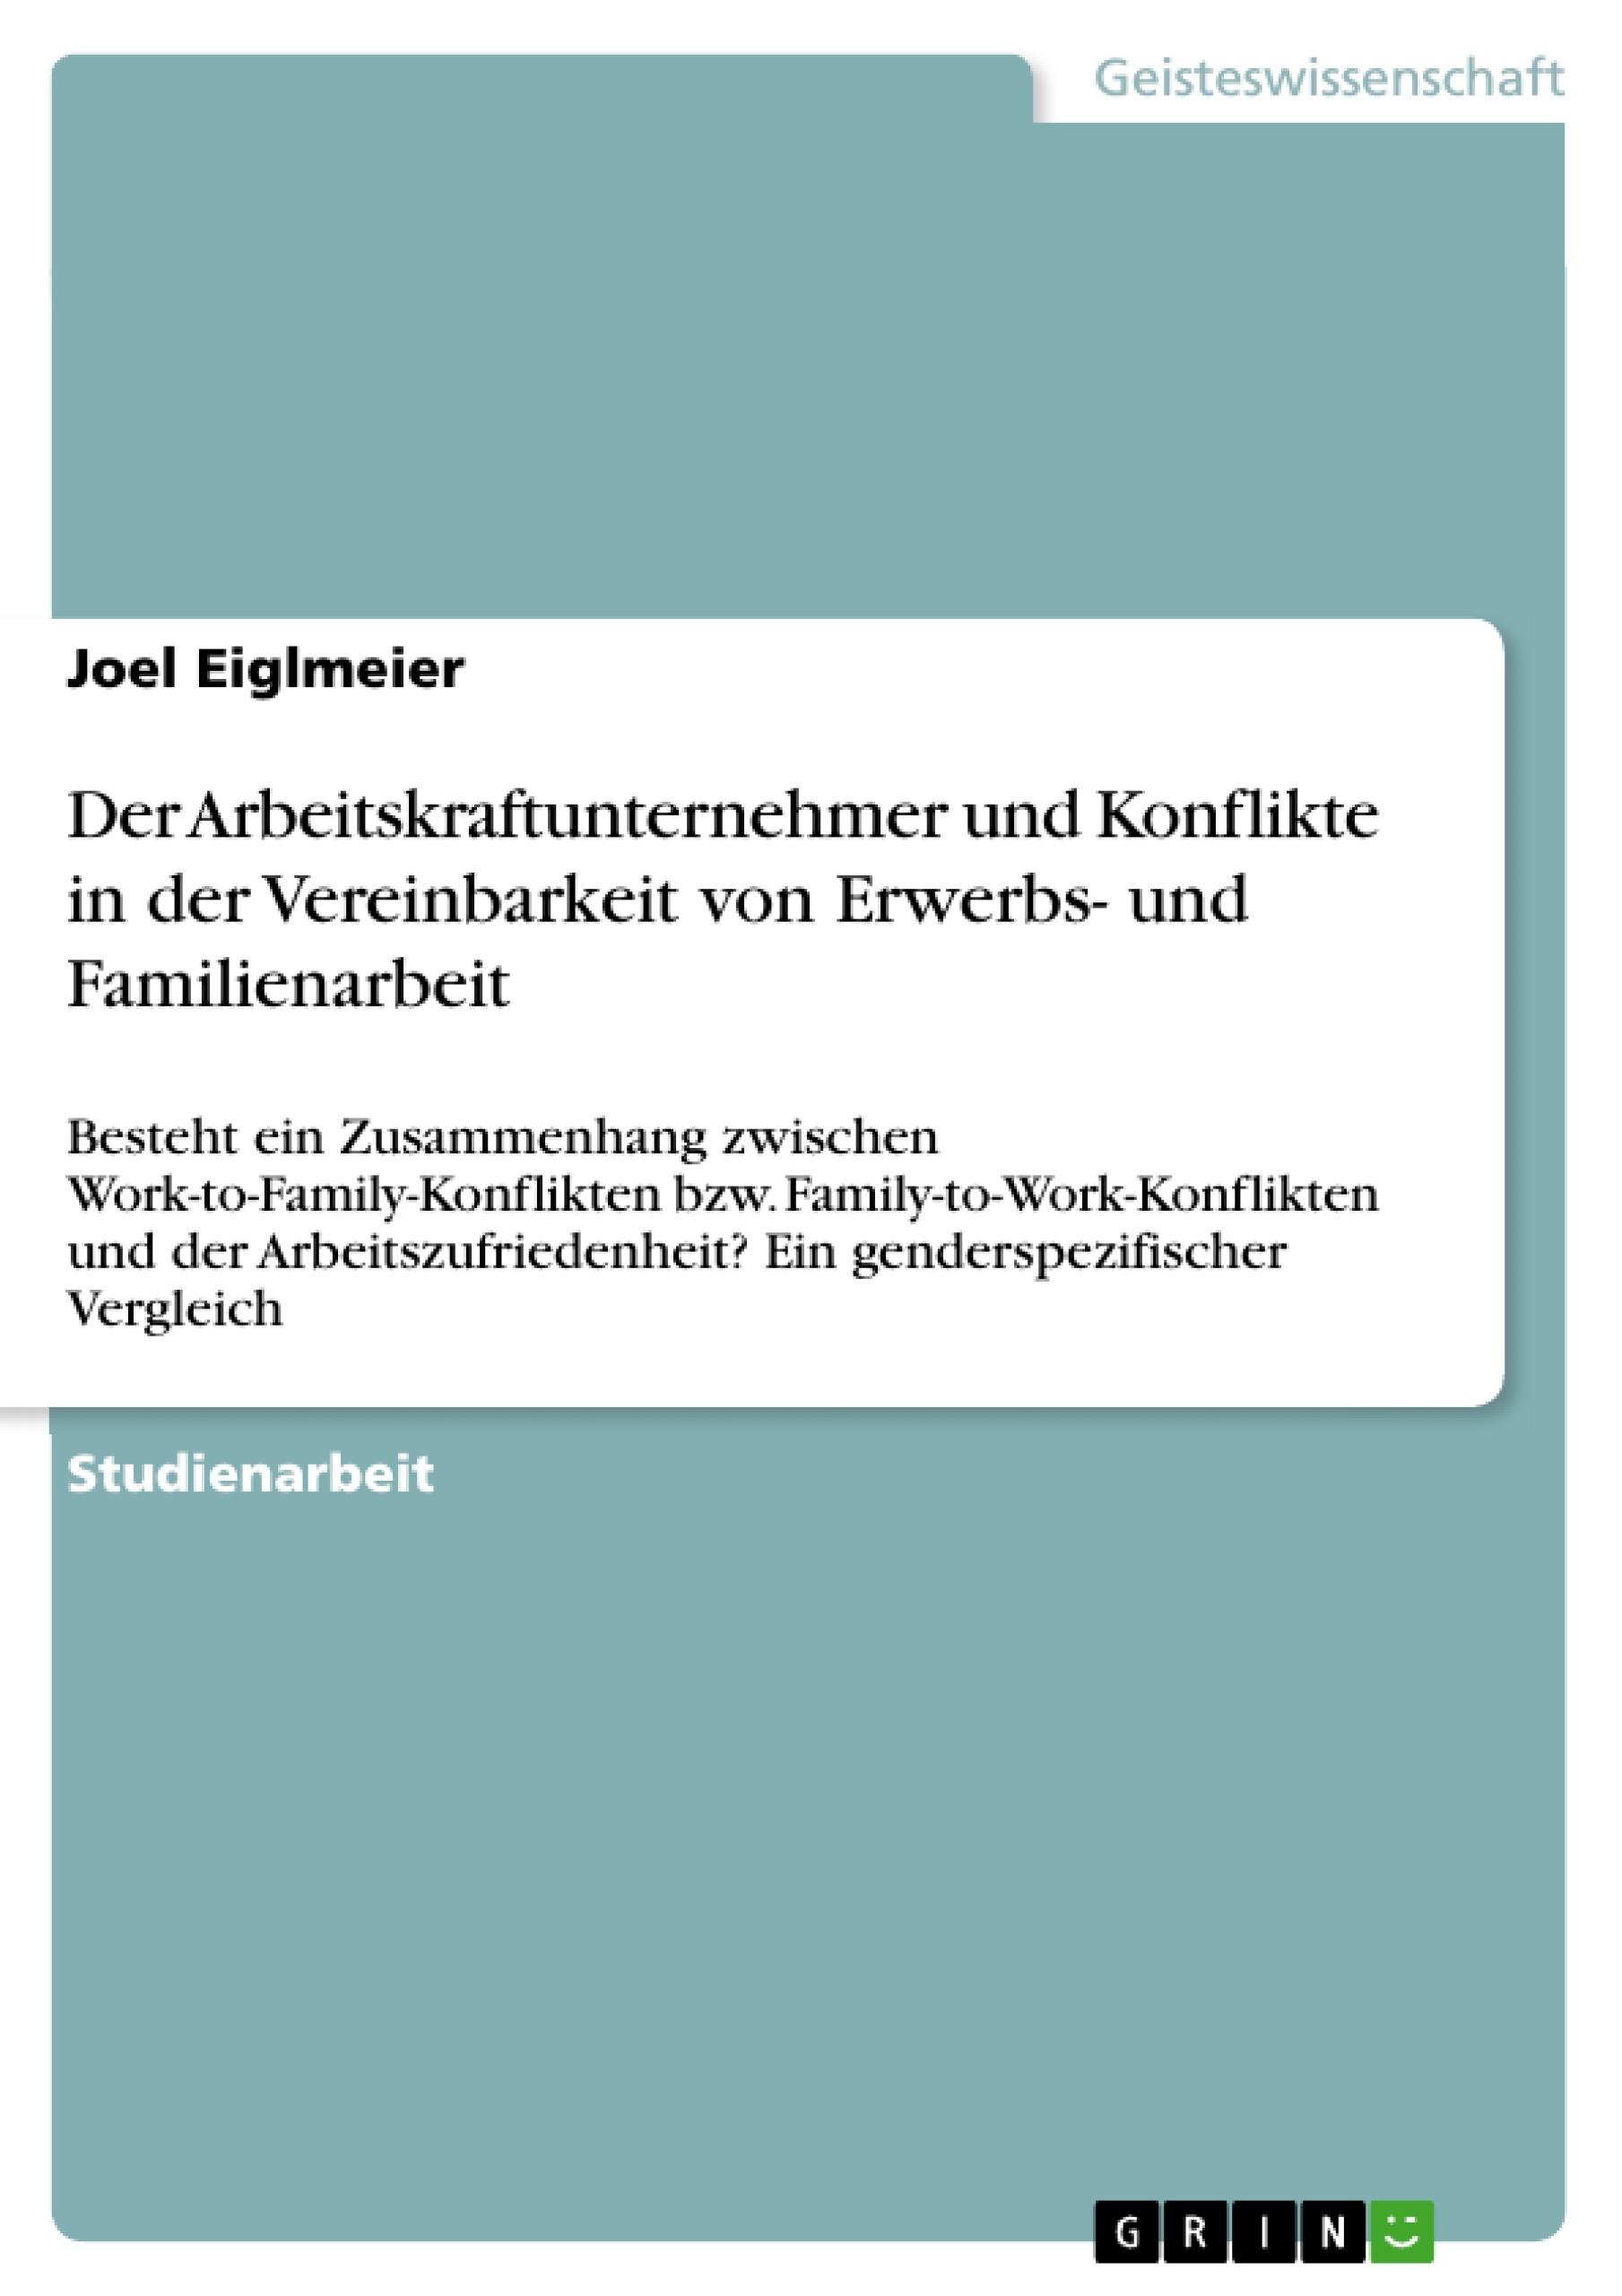 Titel: Der Arbeitskraftunternehmer und Konflikte in der Vereinbarkeit von Erwerbs- und Familienarbeit